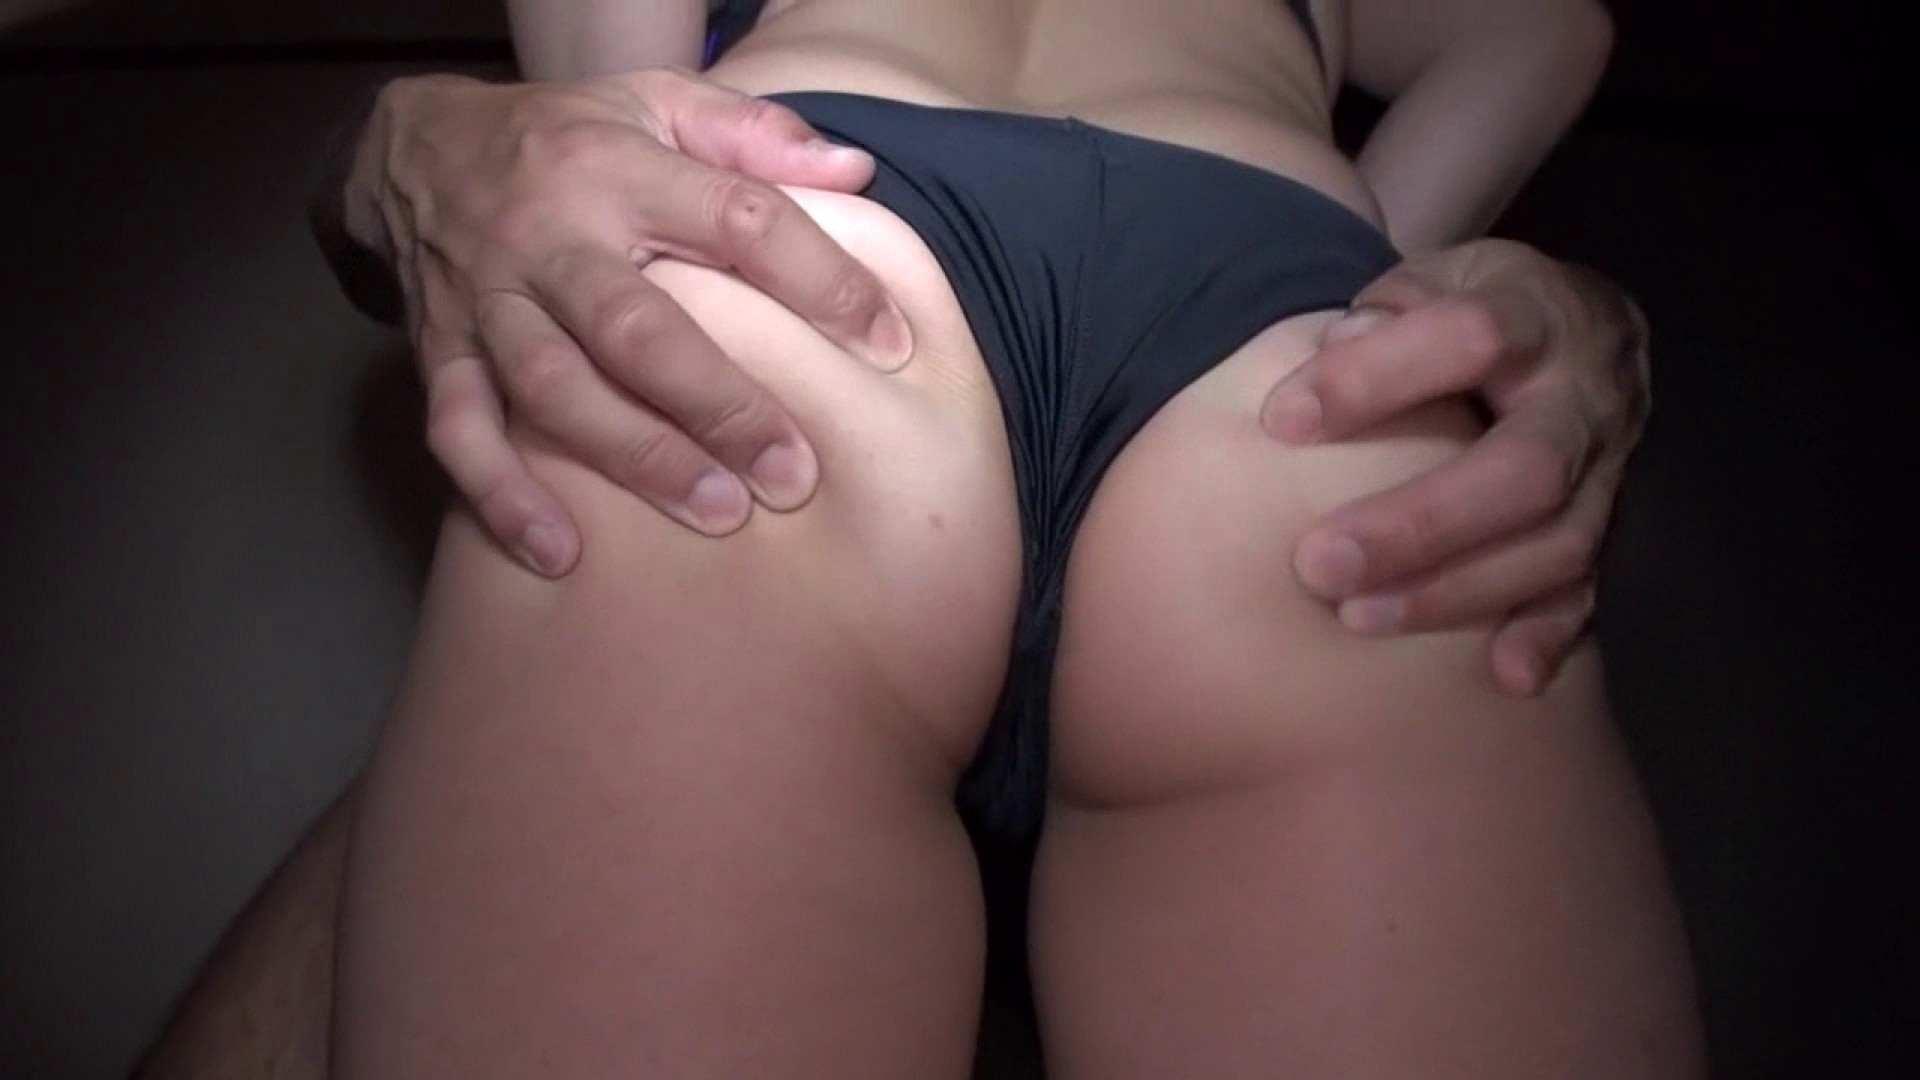 おしえてギャル子のH塾 Vol.16 前編 ギャルのエロ動画 濡れ場動画紹介 87pic 14